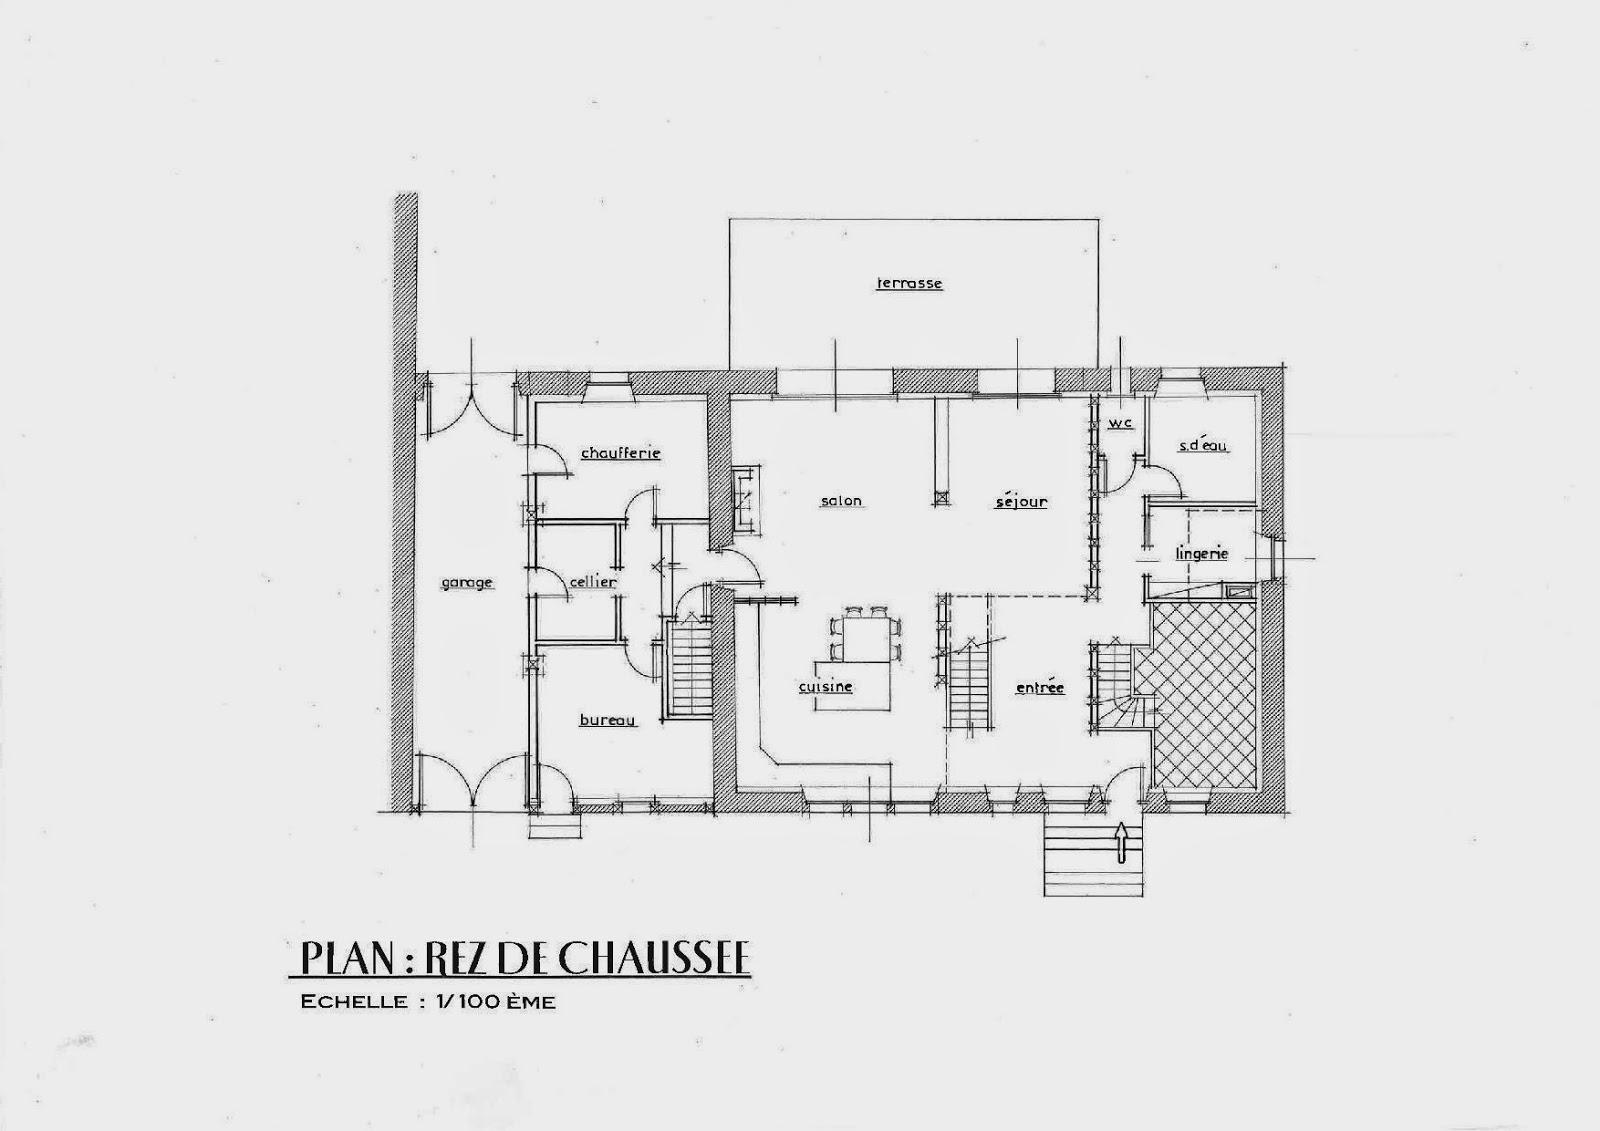 Plan maison provencale avec etage - Plan de maison provencale ...